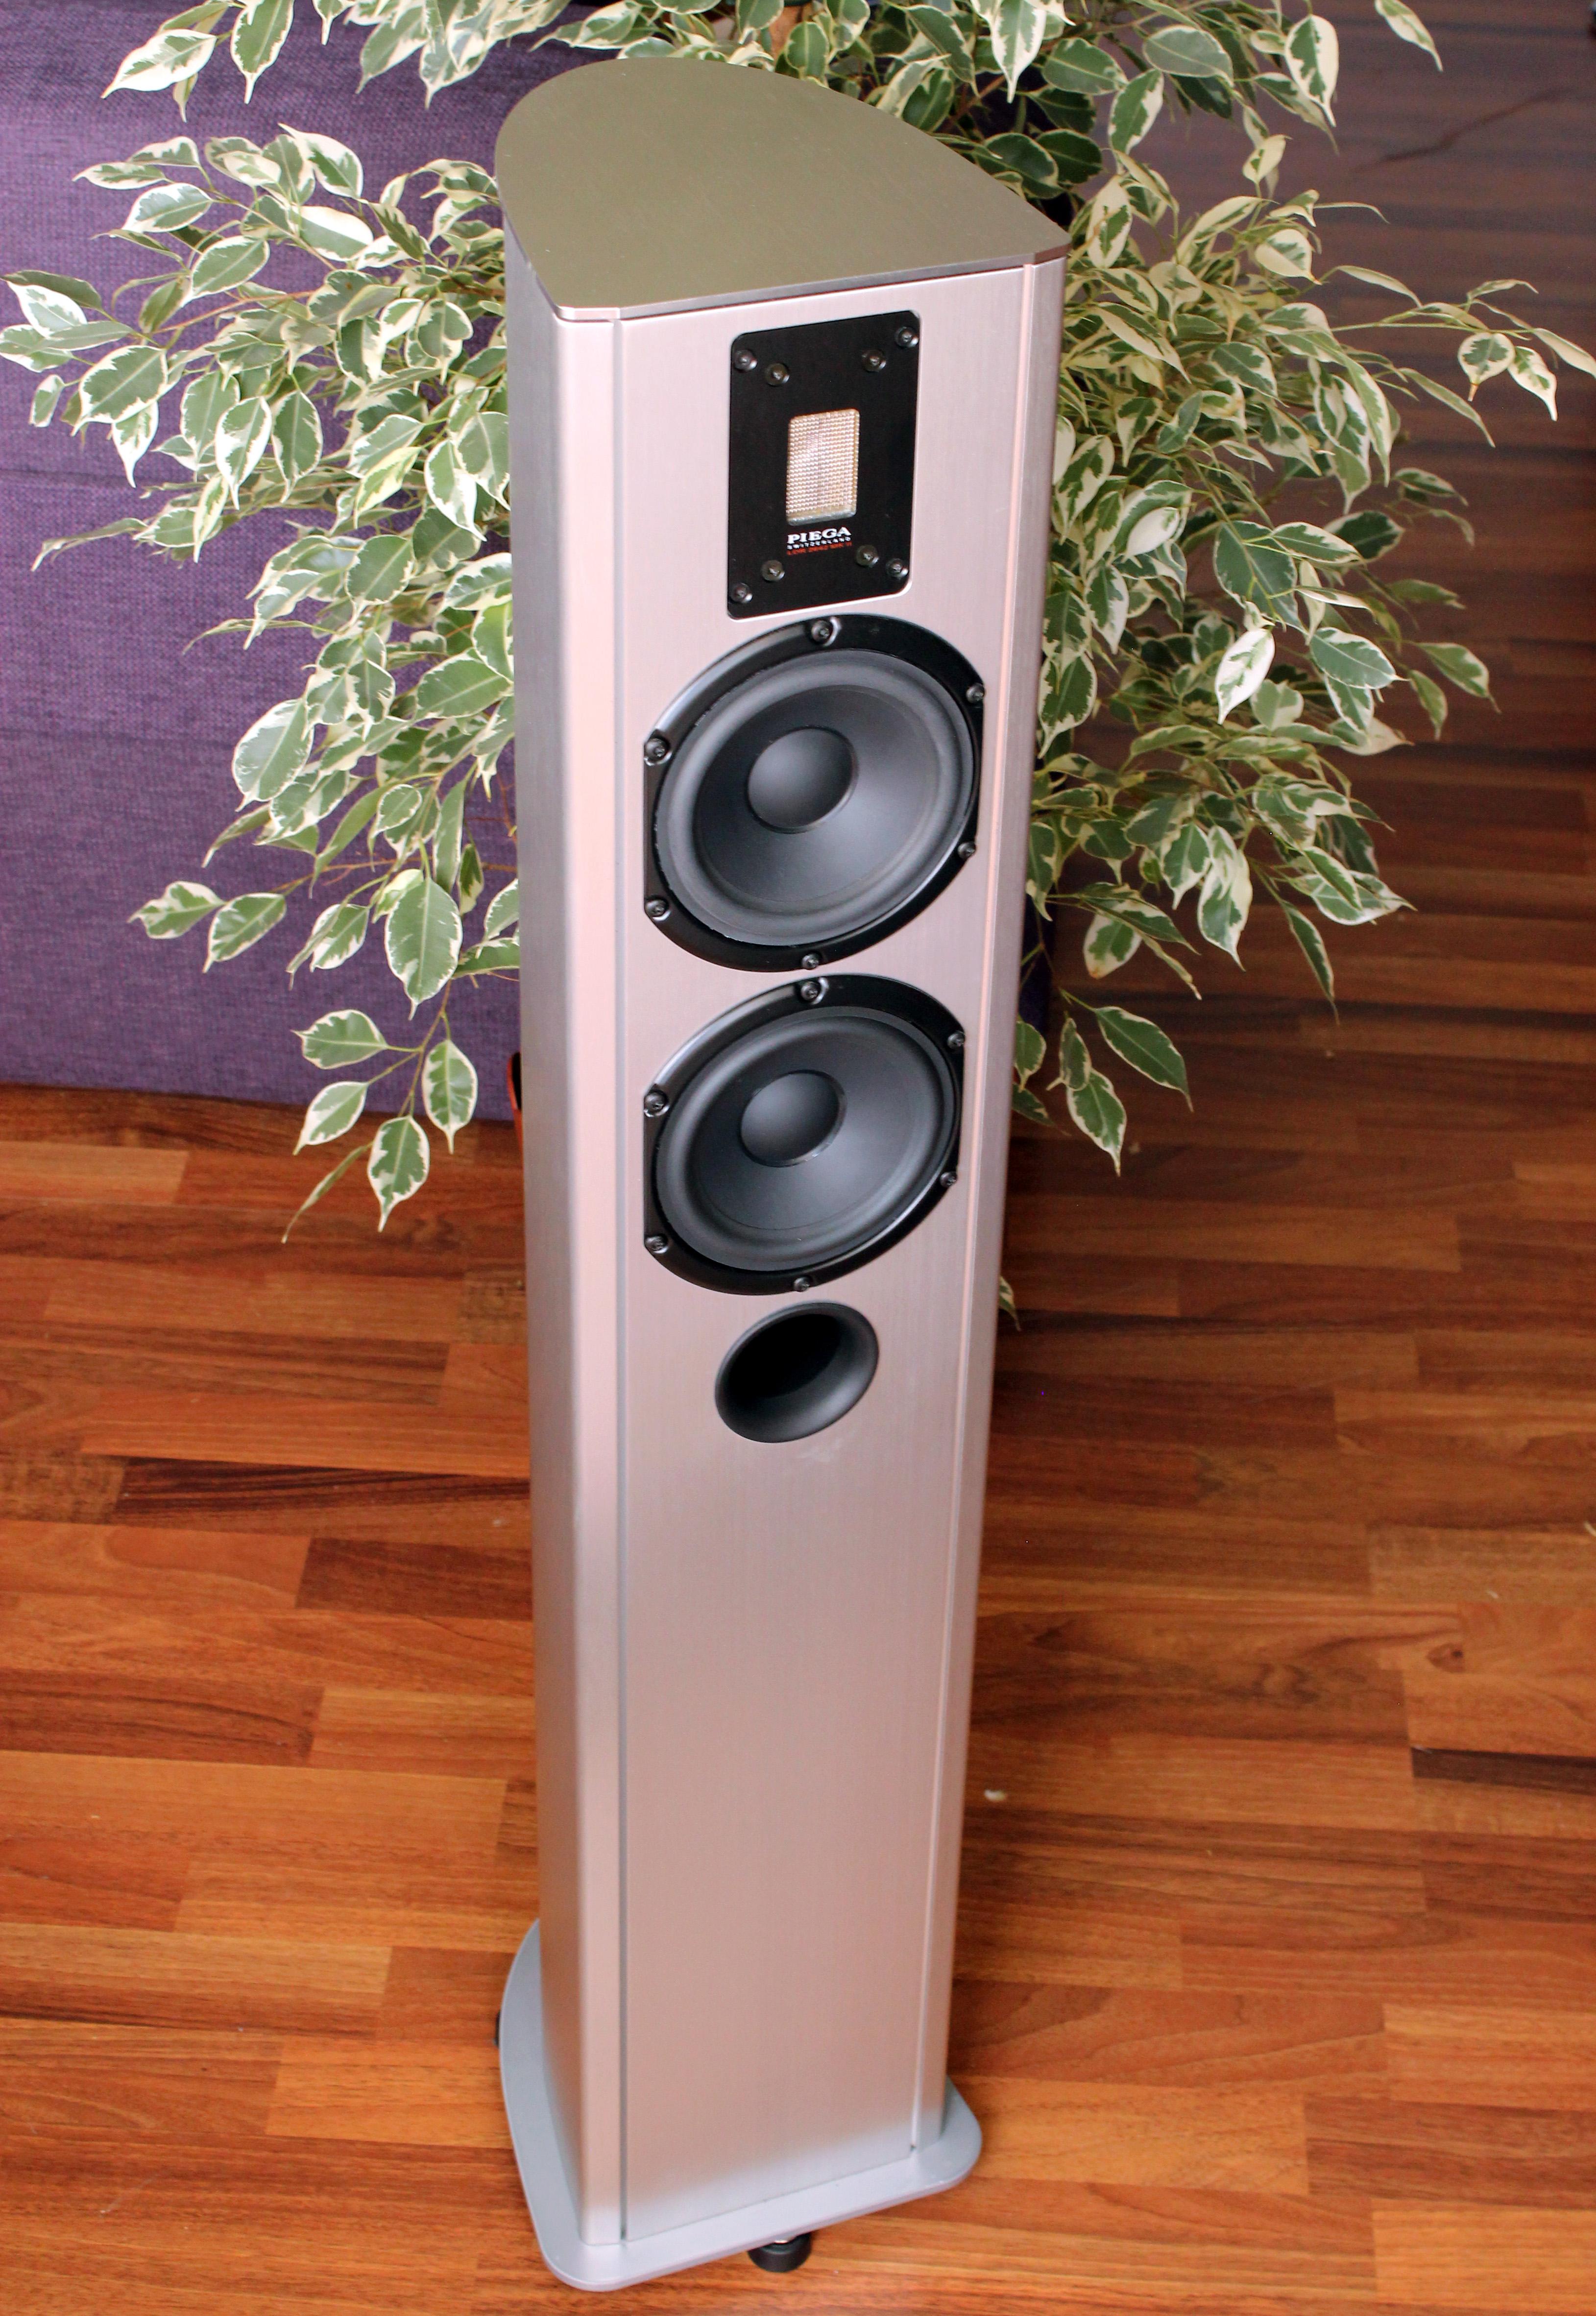 piega premium 5 2 speakers review headmania. Black Bedroom Furniture Sets. Home Design Ideas